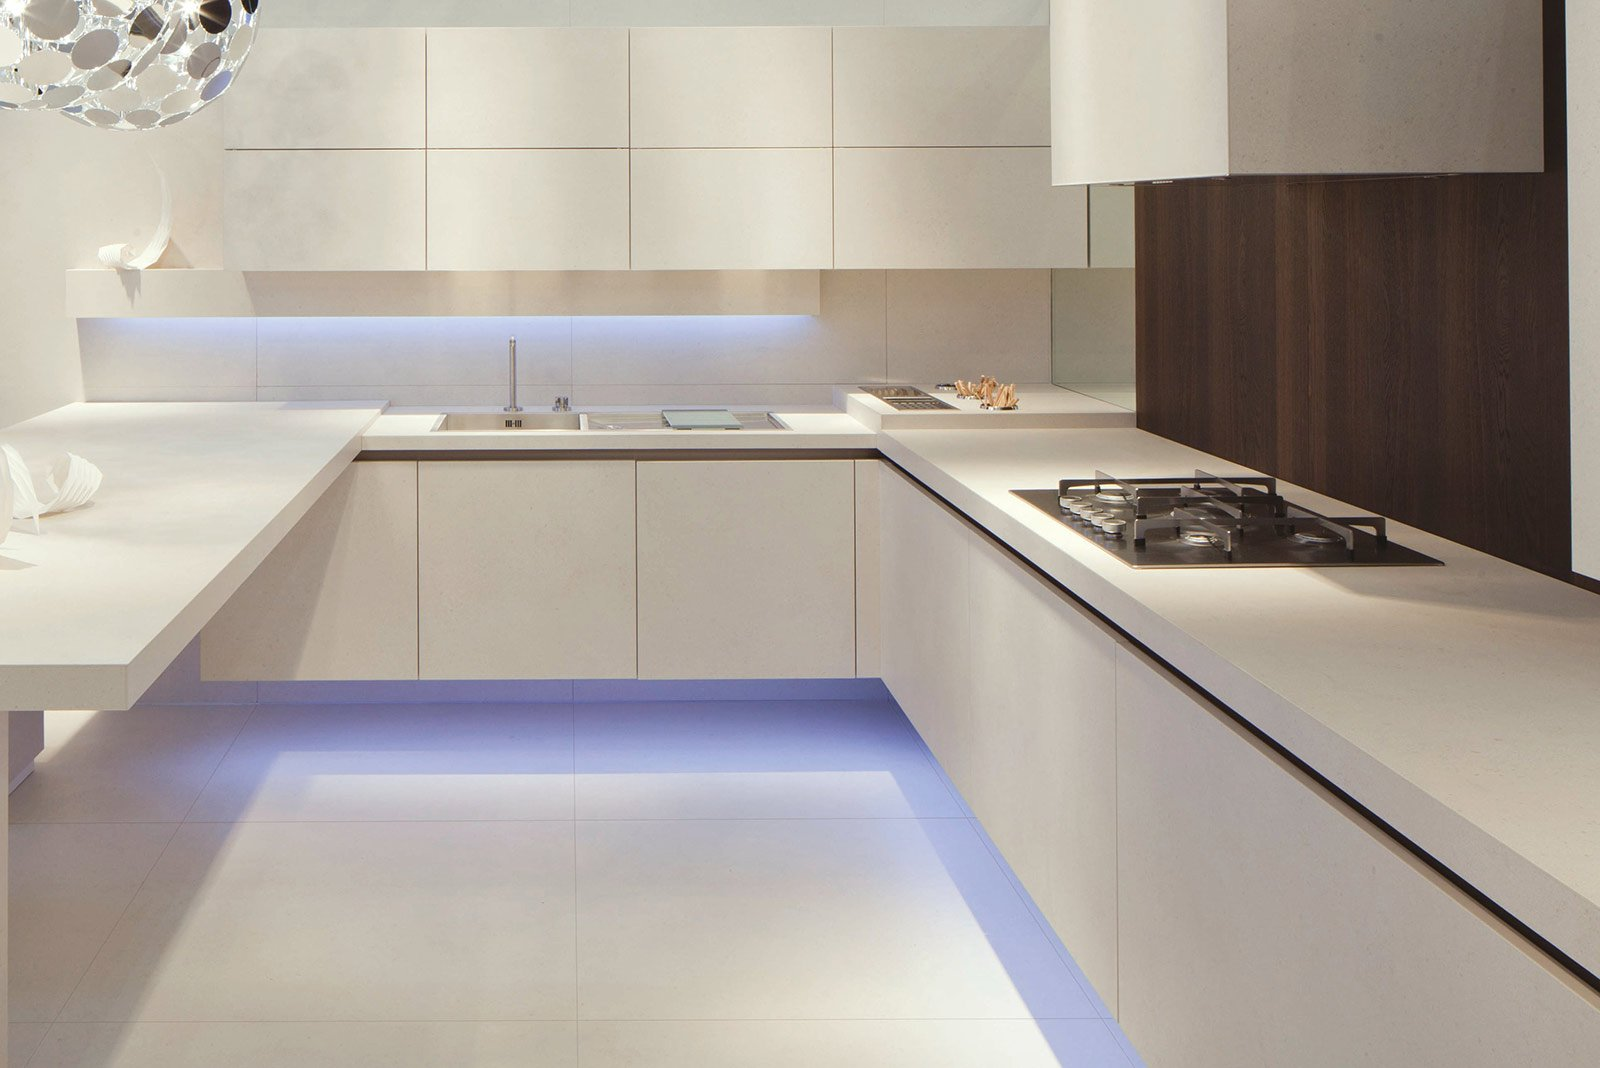 La cucina Etherna di Arrital armonizza arredo e ambiente puntando per ...